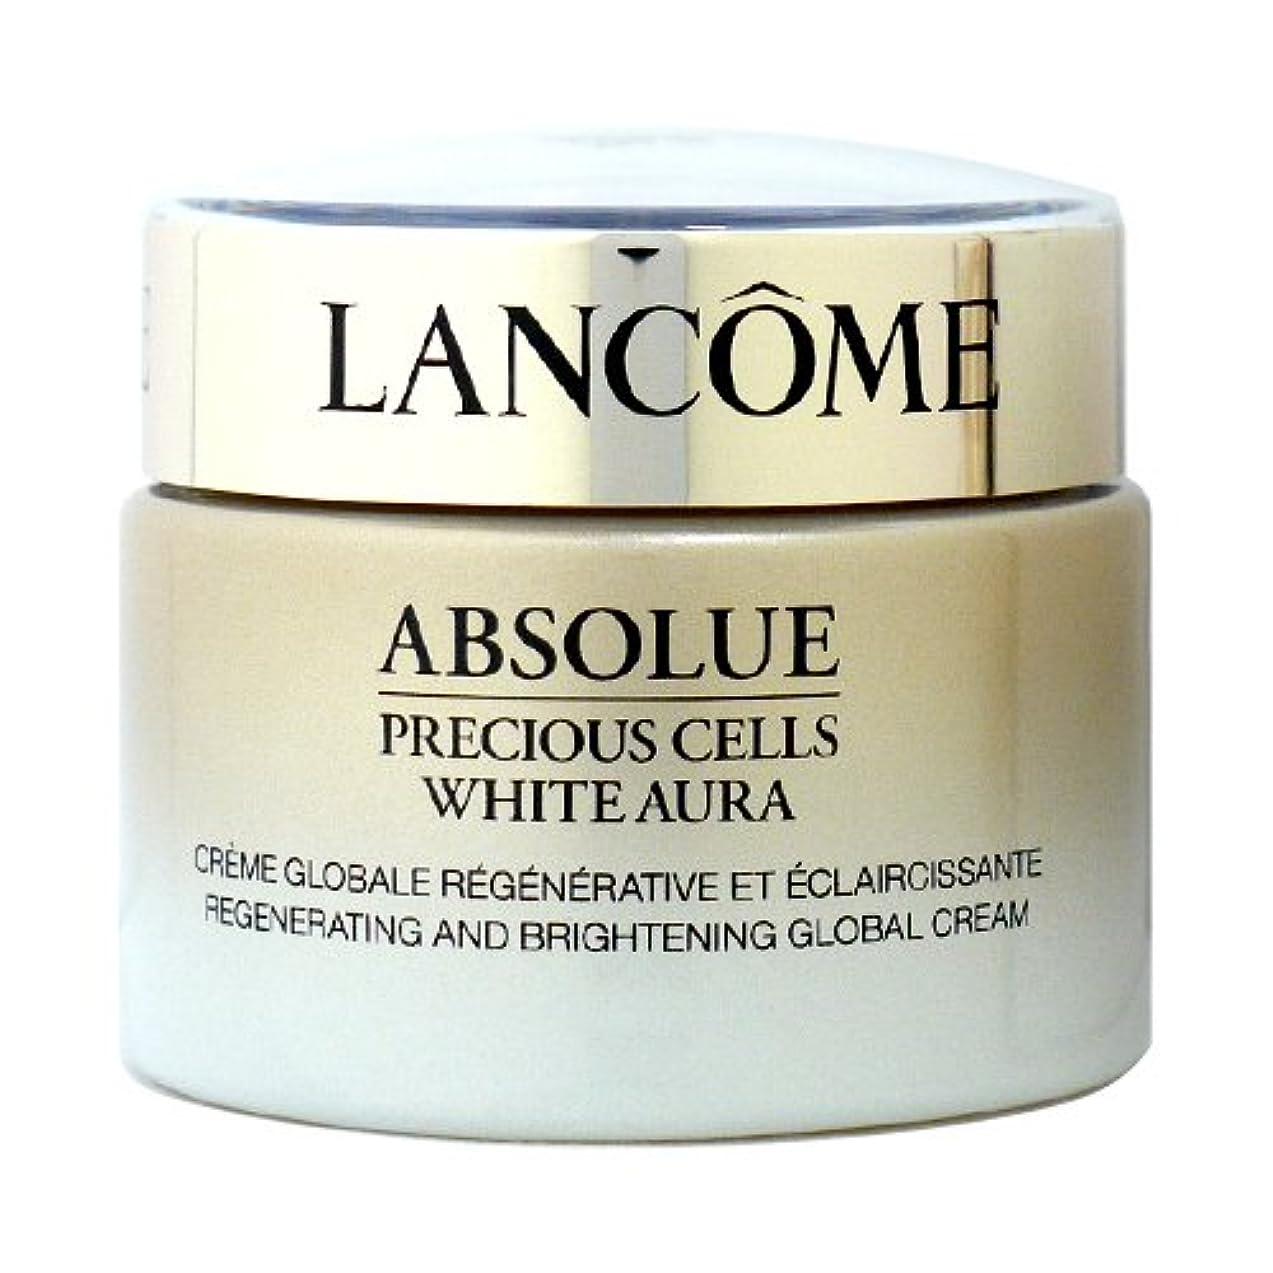 割合組立同意するランコム アプソリュ プレシャスセル ホワイトオーラ クリーム 50mL 【並行輸入品】